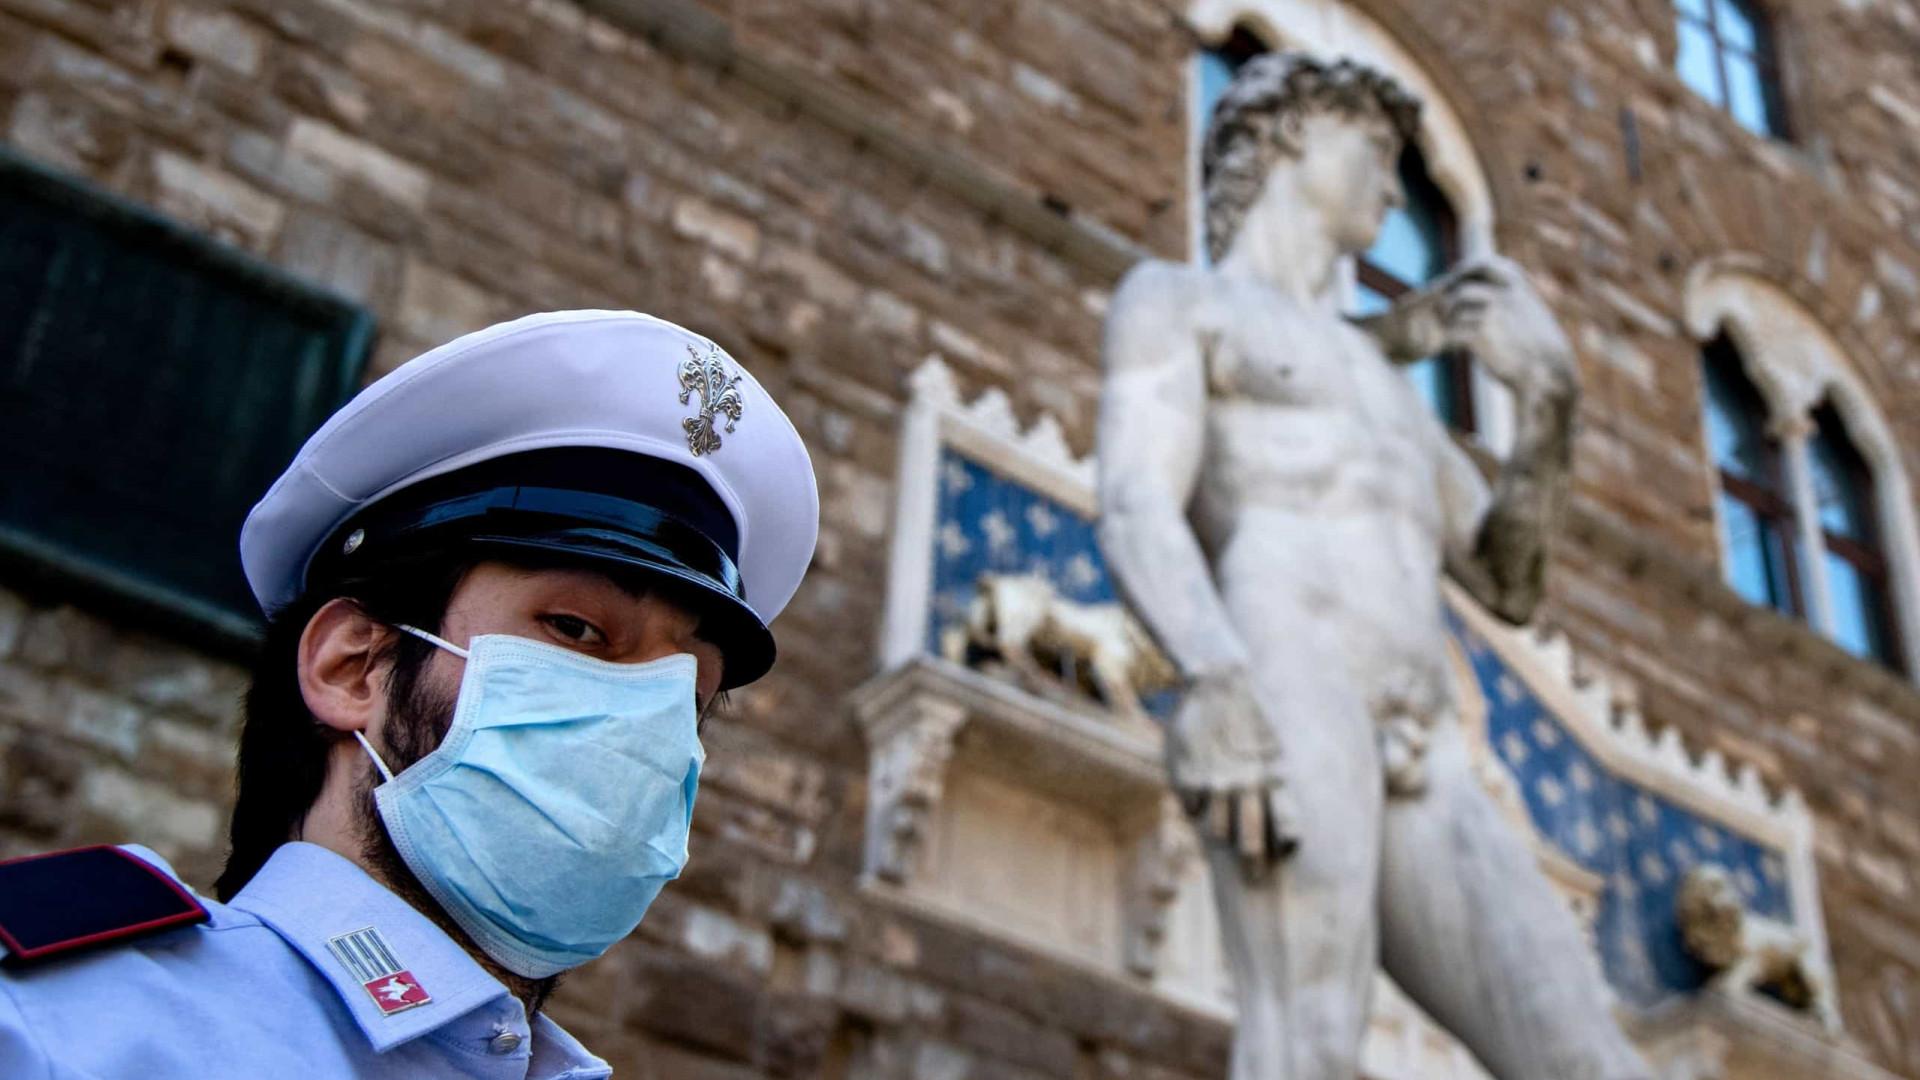 Morreram mais 71 pessoas em Itália em 24 horas. Total fixa-se em 33.601